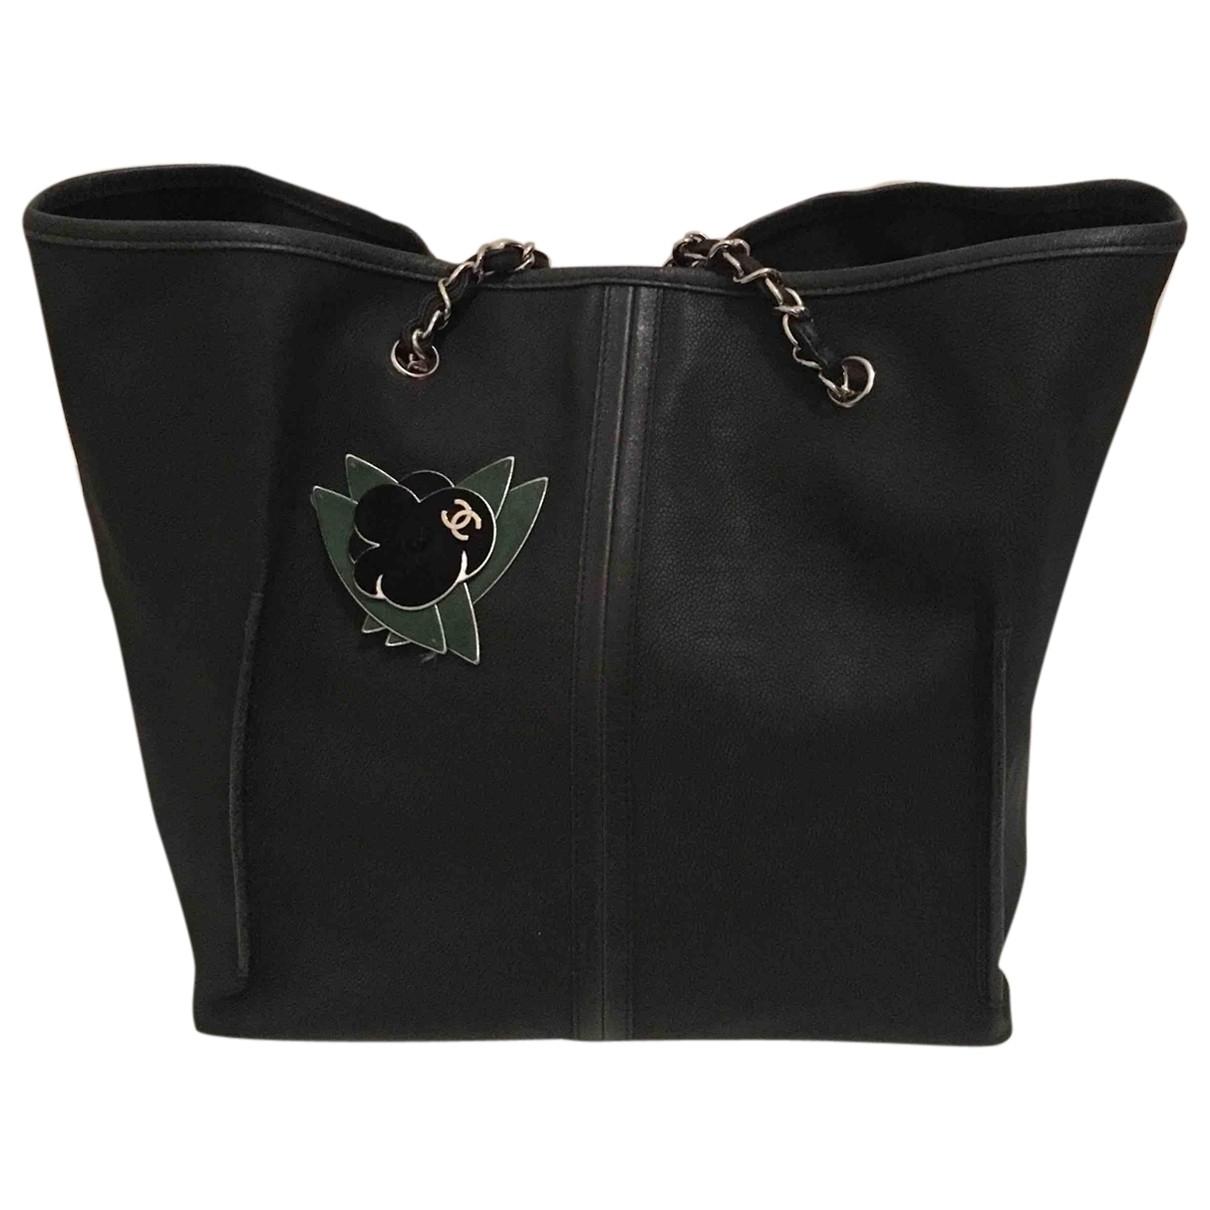 Chanel - Sac a main   pour femme en cuir - anthracite